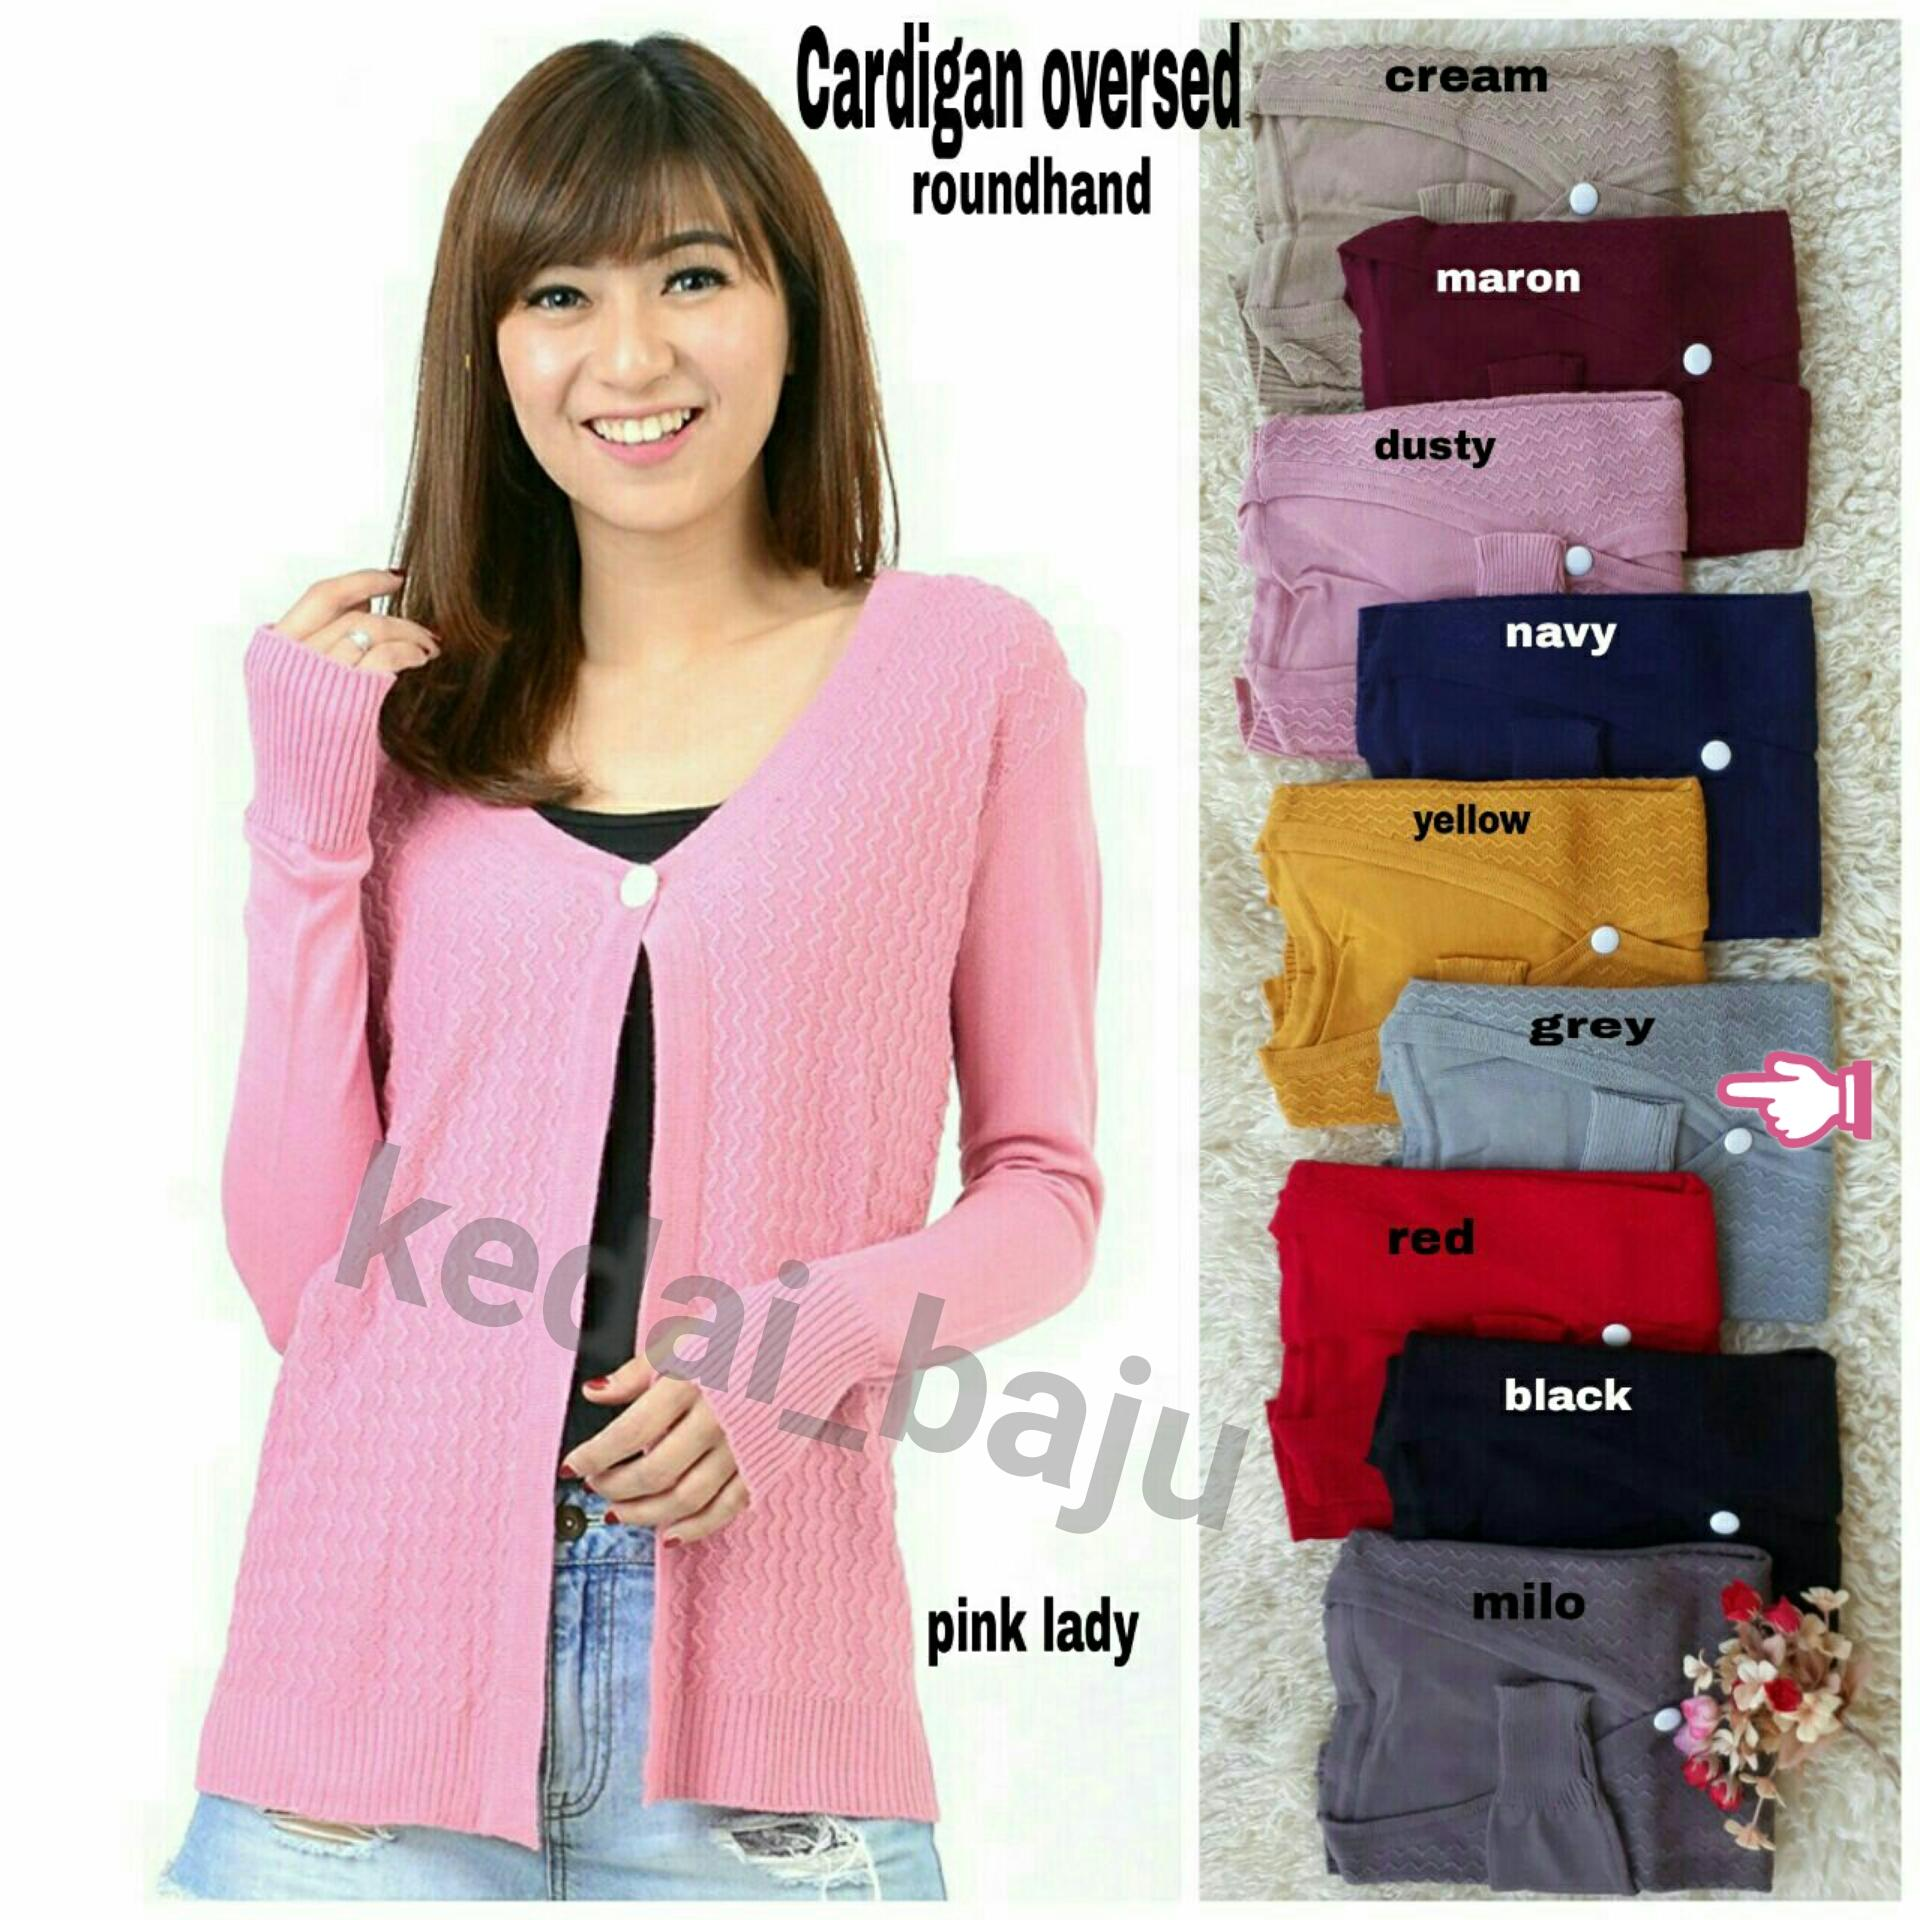 Kedai_baju Atasan Wanita - Outer Wanita - Luaran Wanita - Vest - Cardigan - Basic Cardy